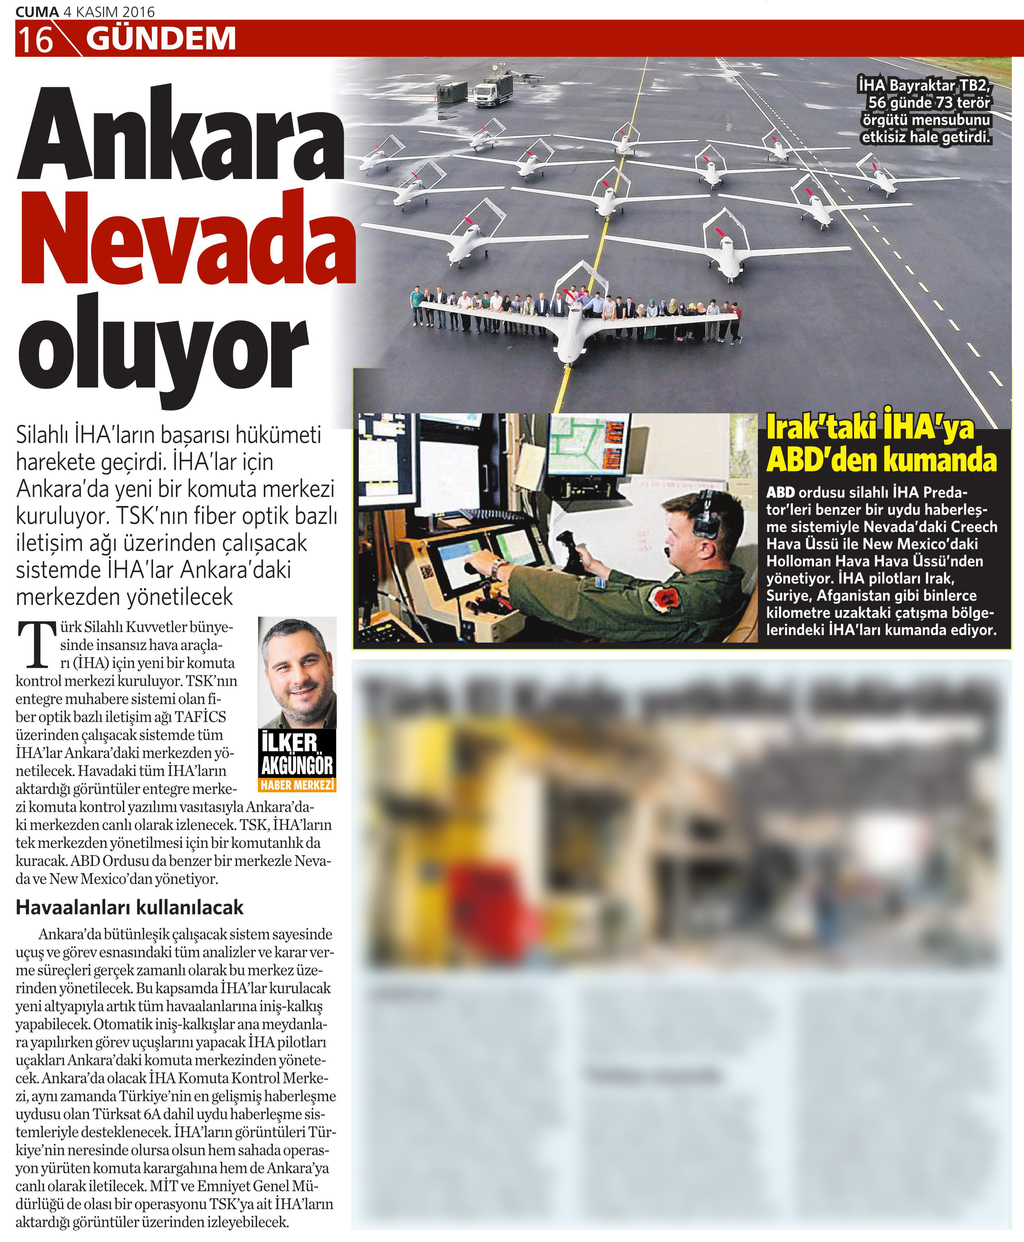 4 Kasım 2016 Vatan Gazetesi 16. sayfa